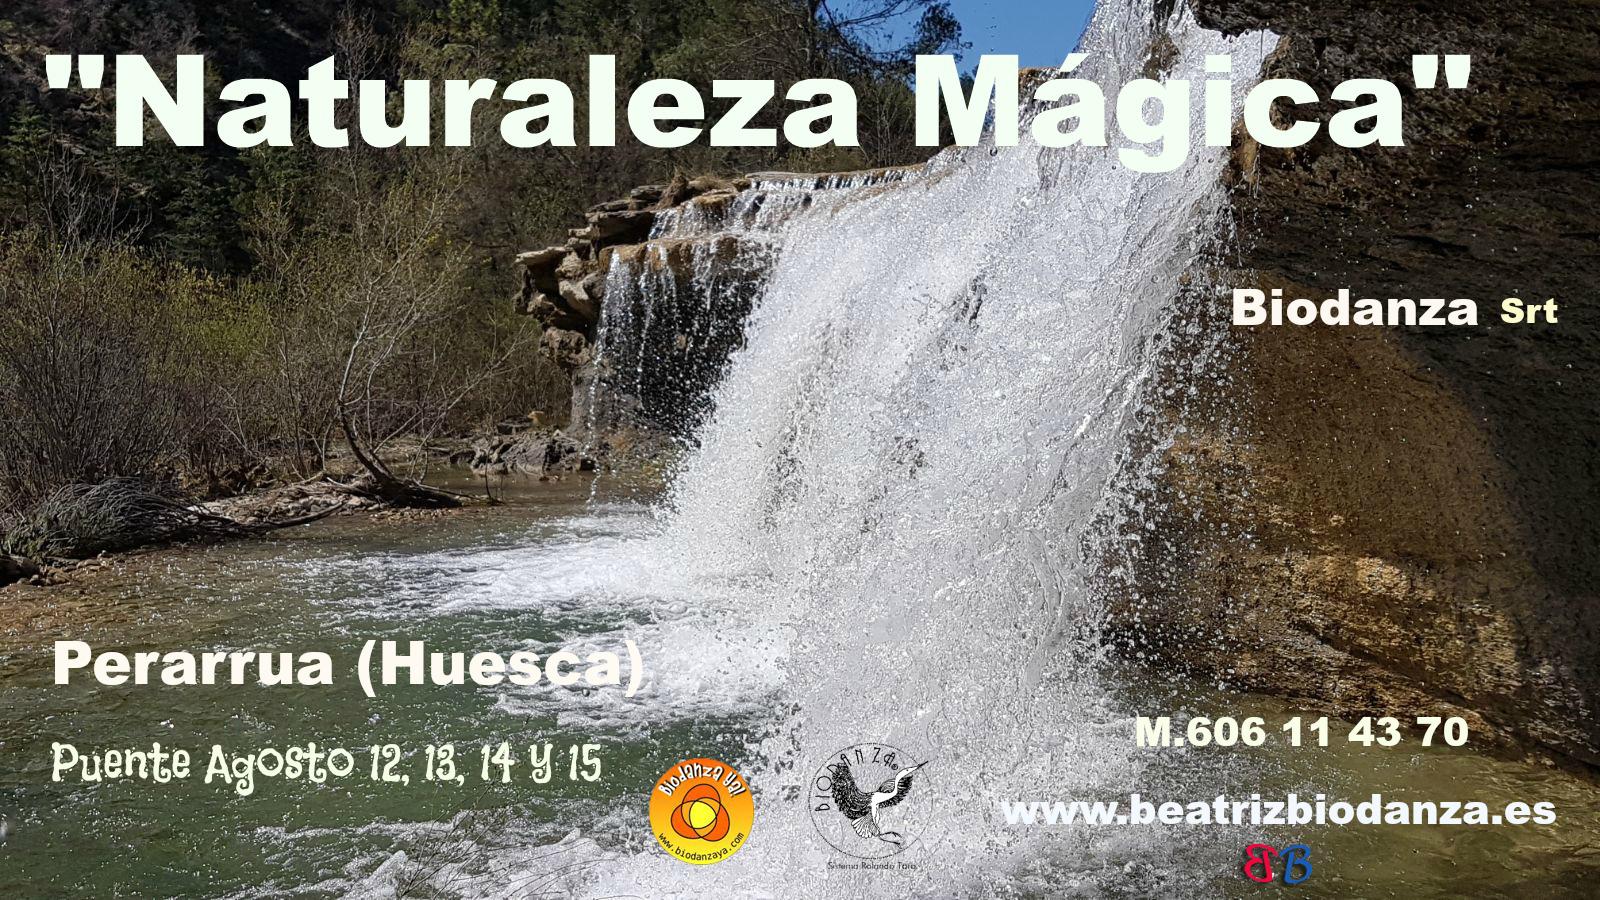 """""""Naturaleza Mágica"""" Puente de agosto 12, 13, 14 y 15 Biodanza, Perarrua (Huesca)"""